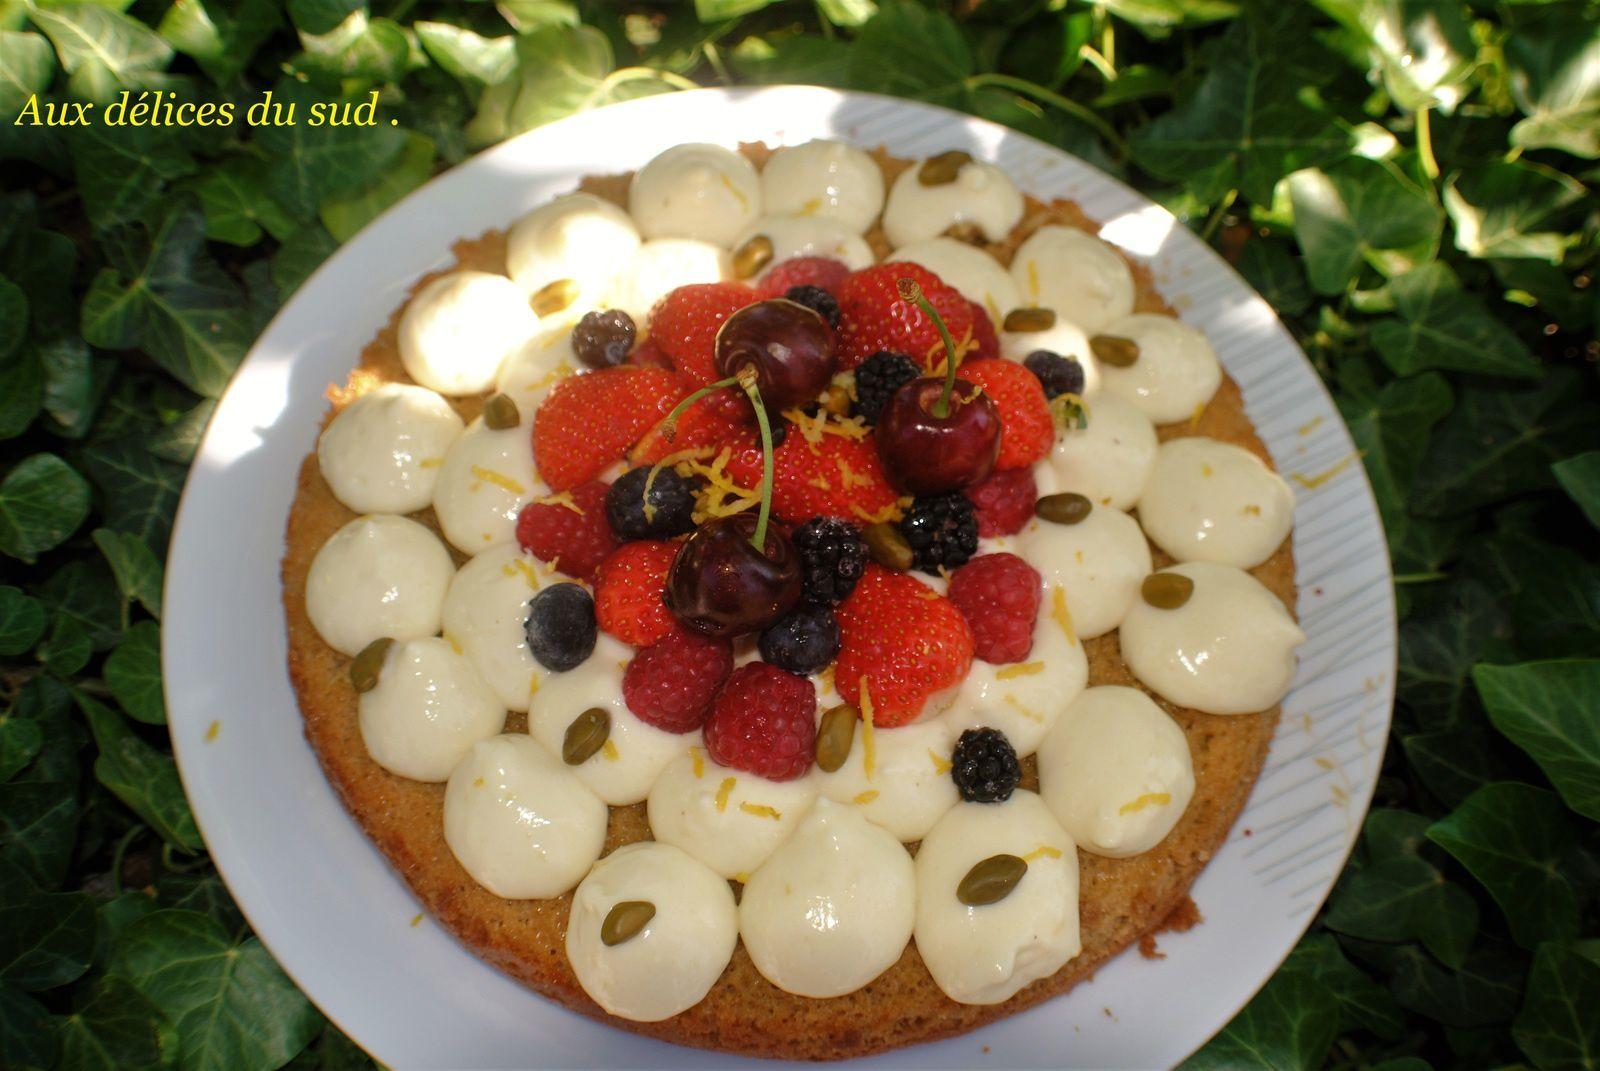 Amandine à la vanille et fruits rouges .